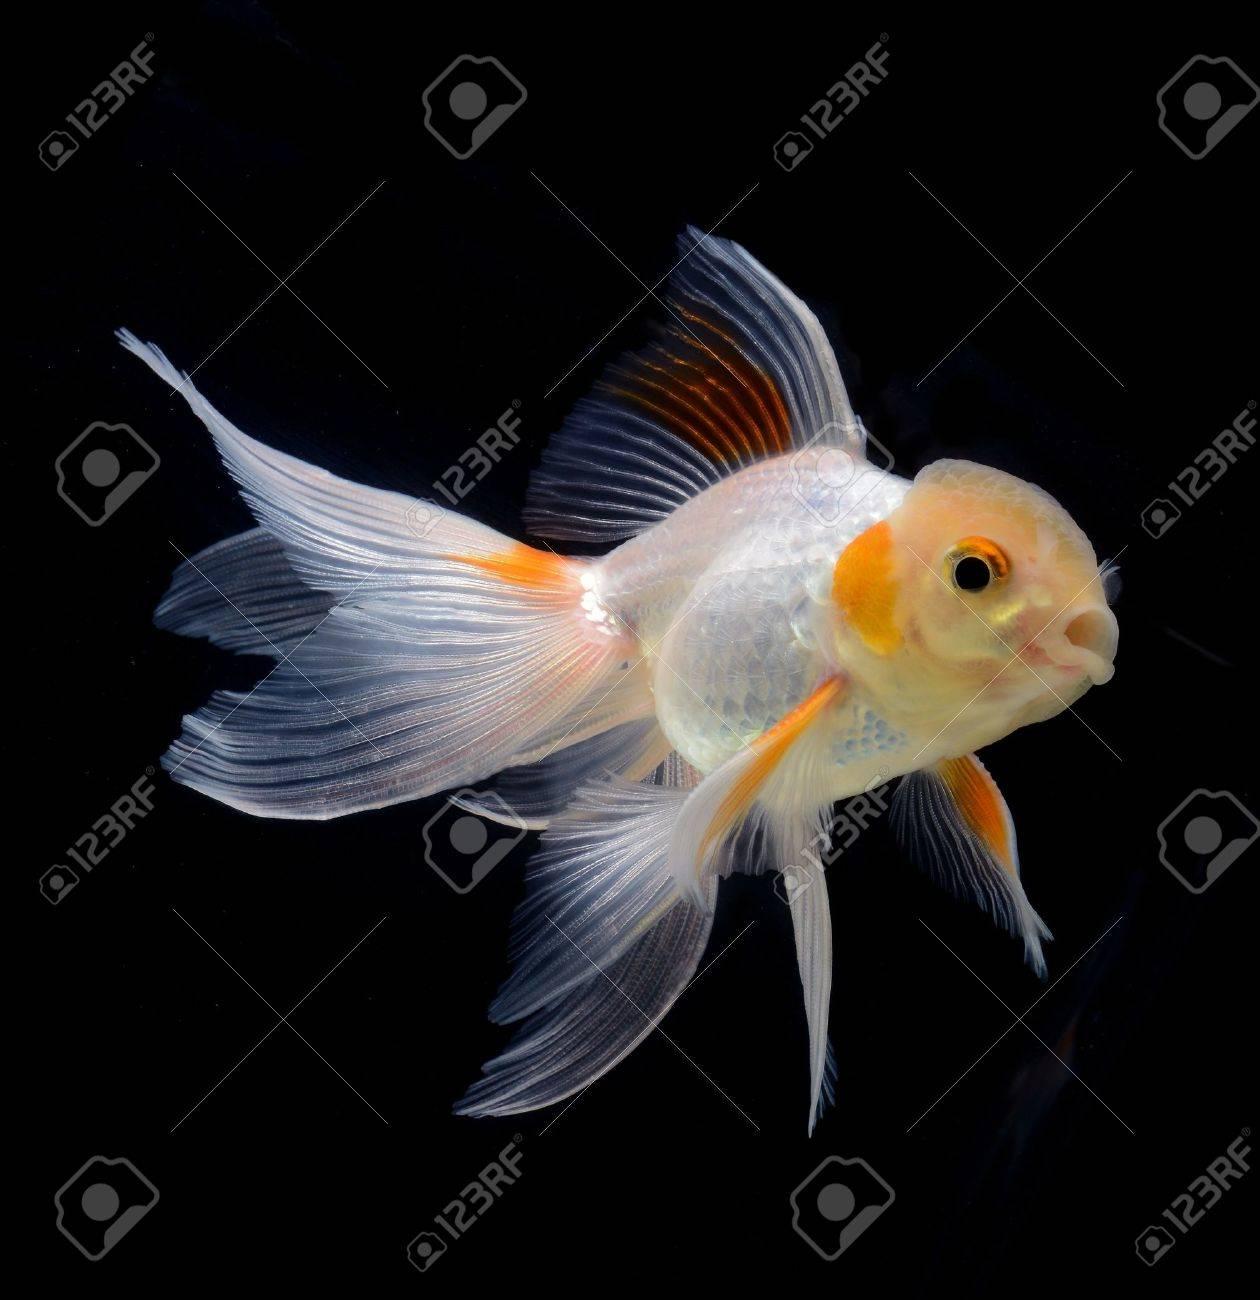 fancy goldfish isolated on black background Stock Photo - 21097290